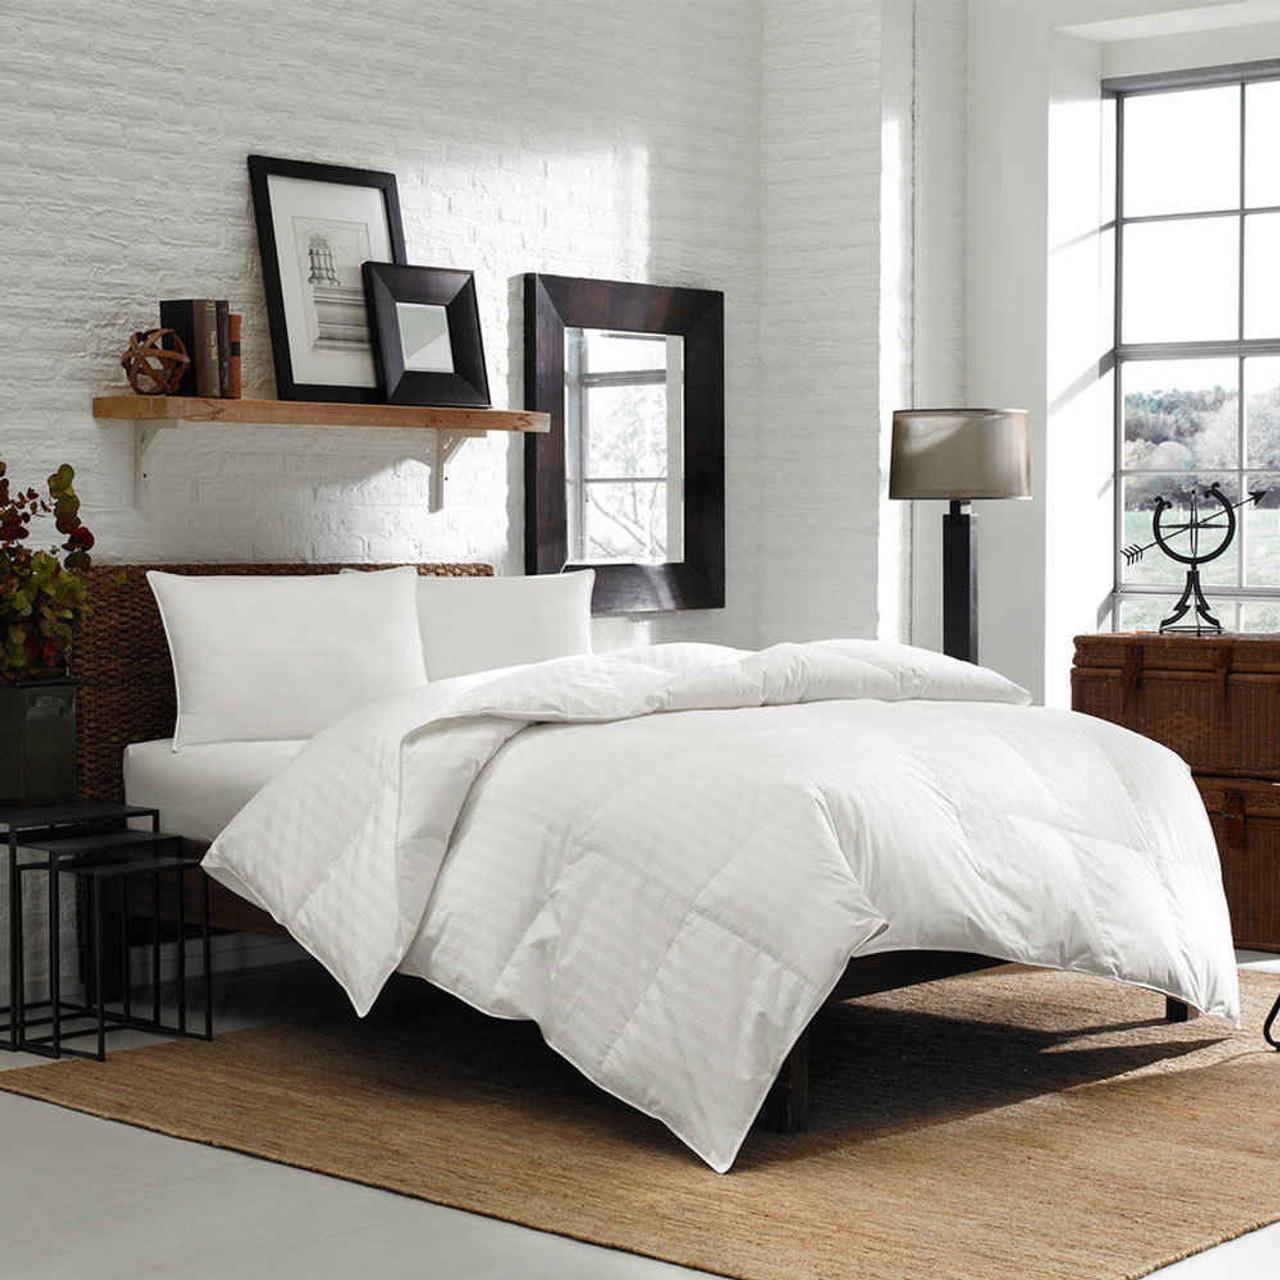 Eddie Bauer 600 Fill Power White Down Comforter